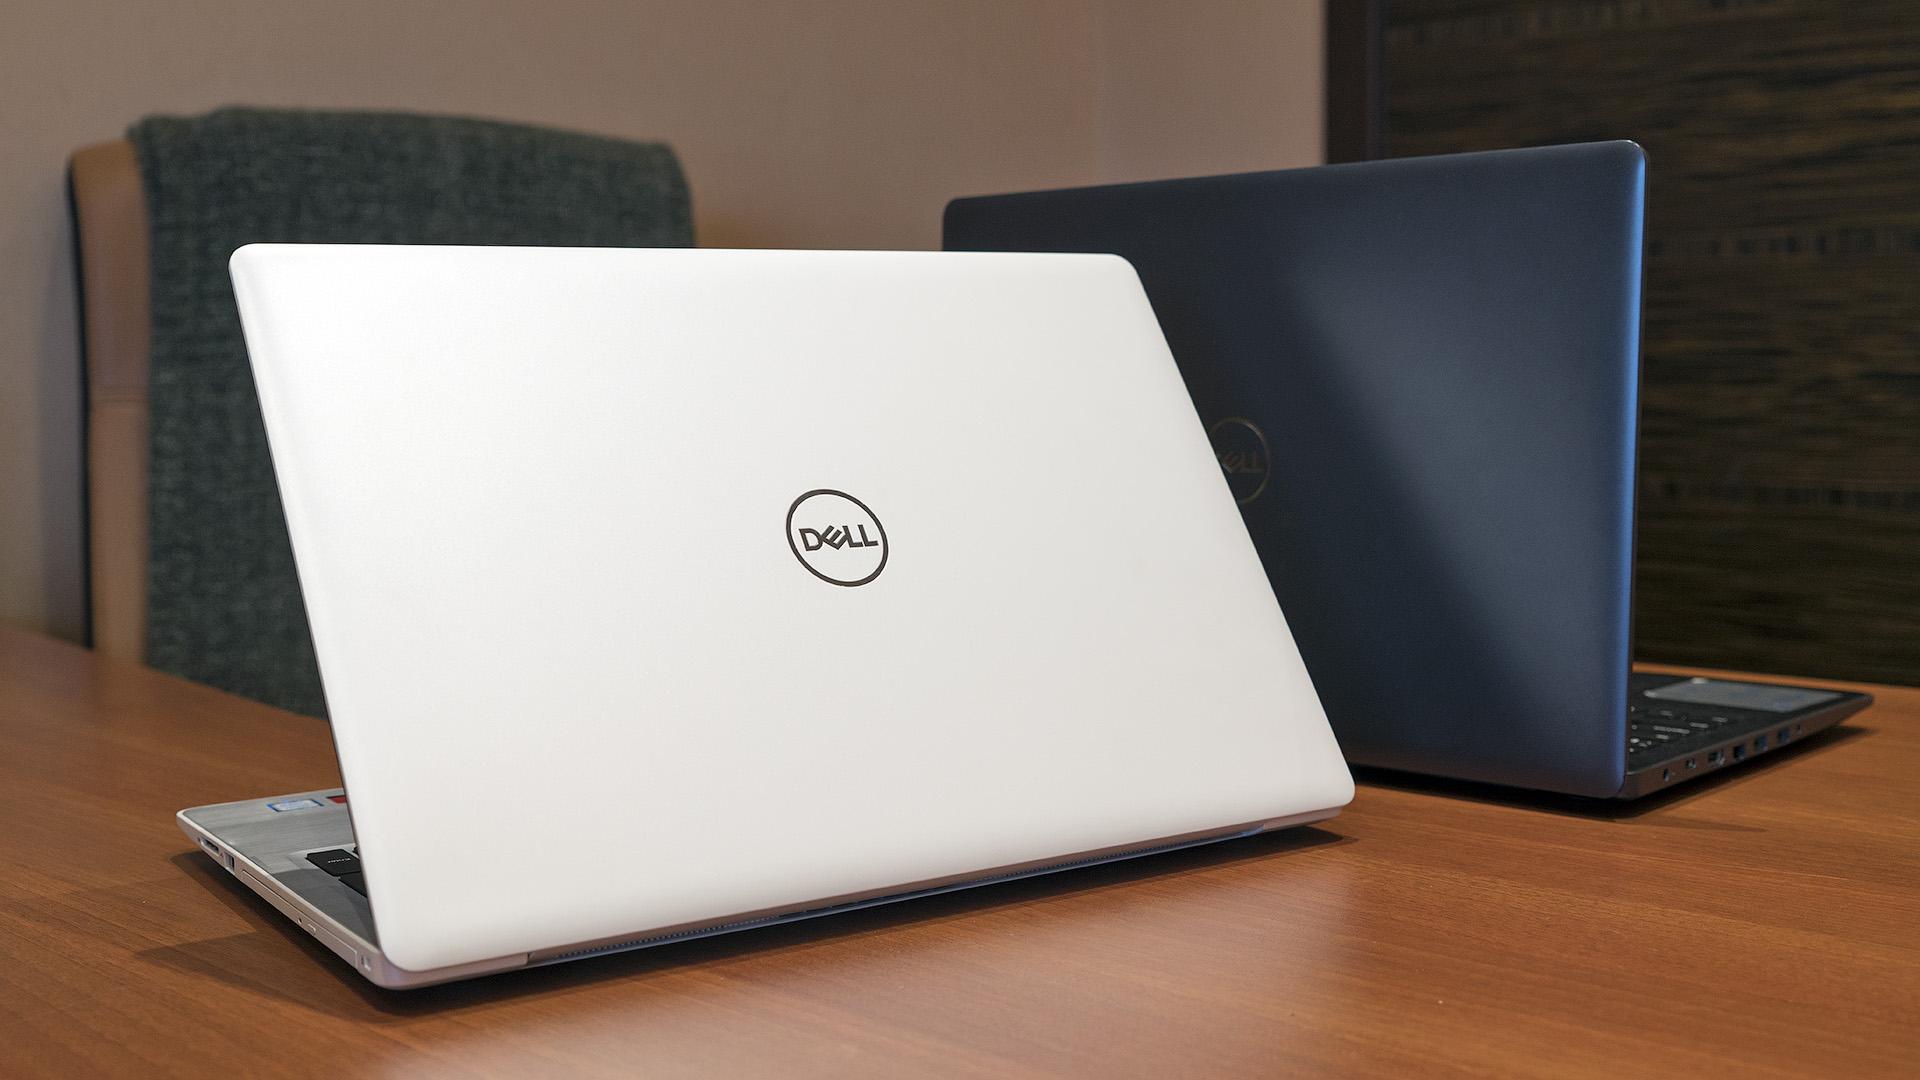 Dell Inspiron 5570: экономичный ноутбук для дома и офиса